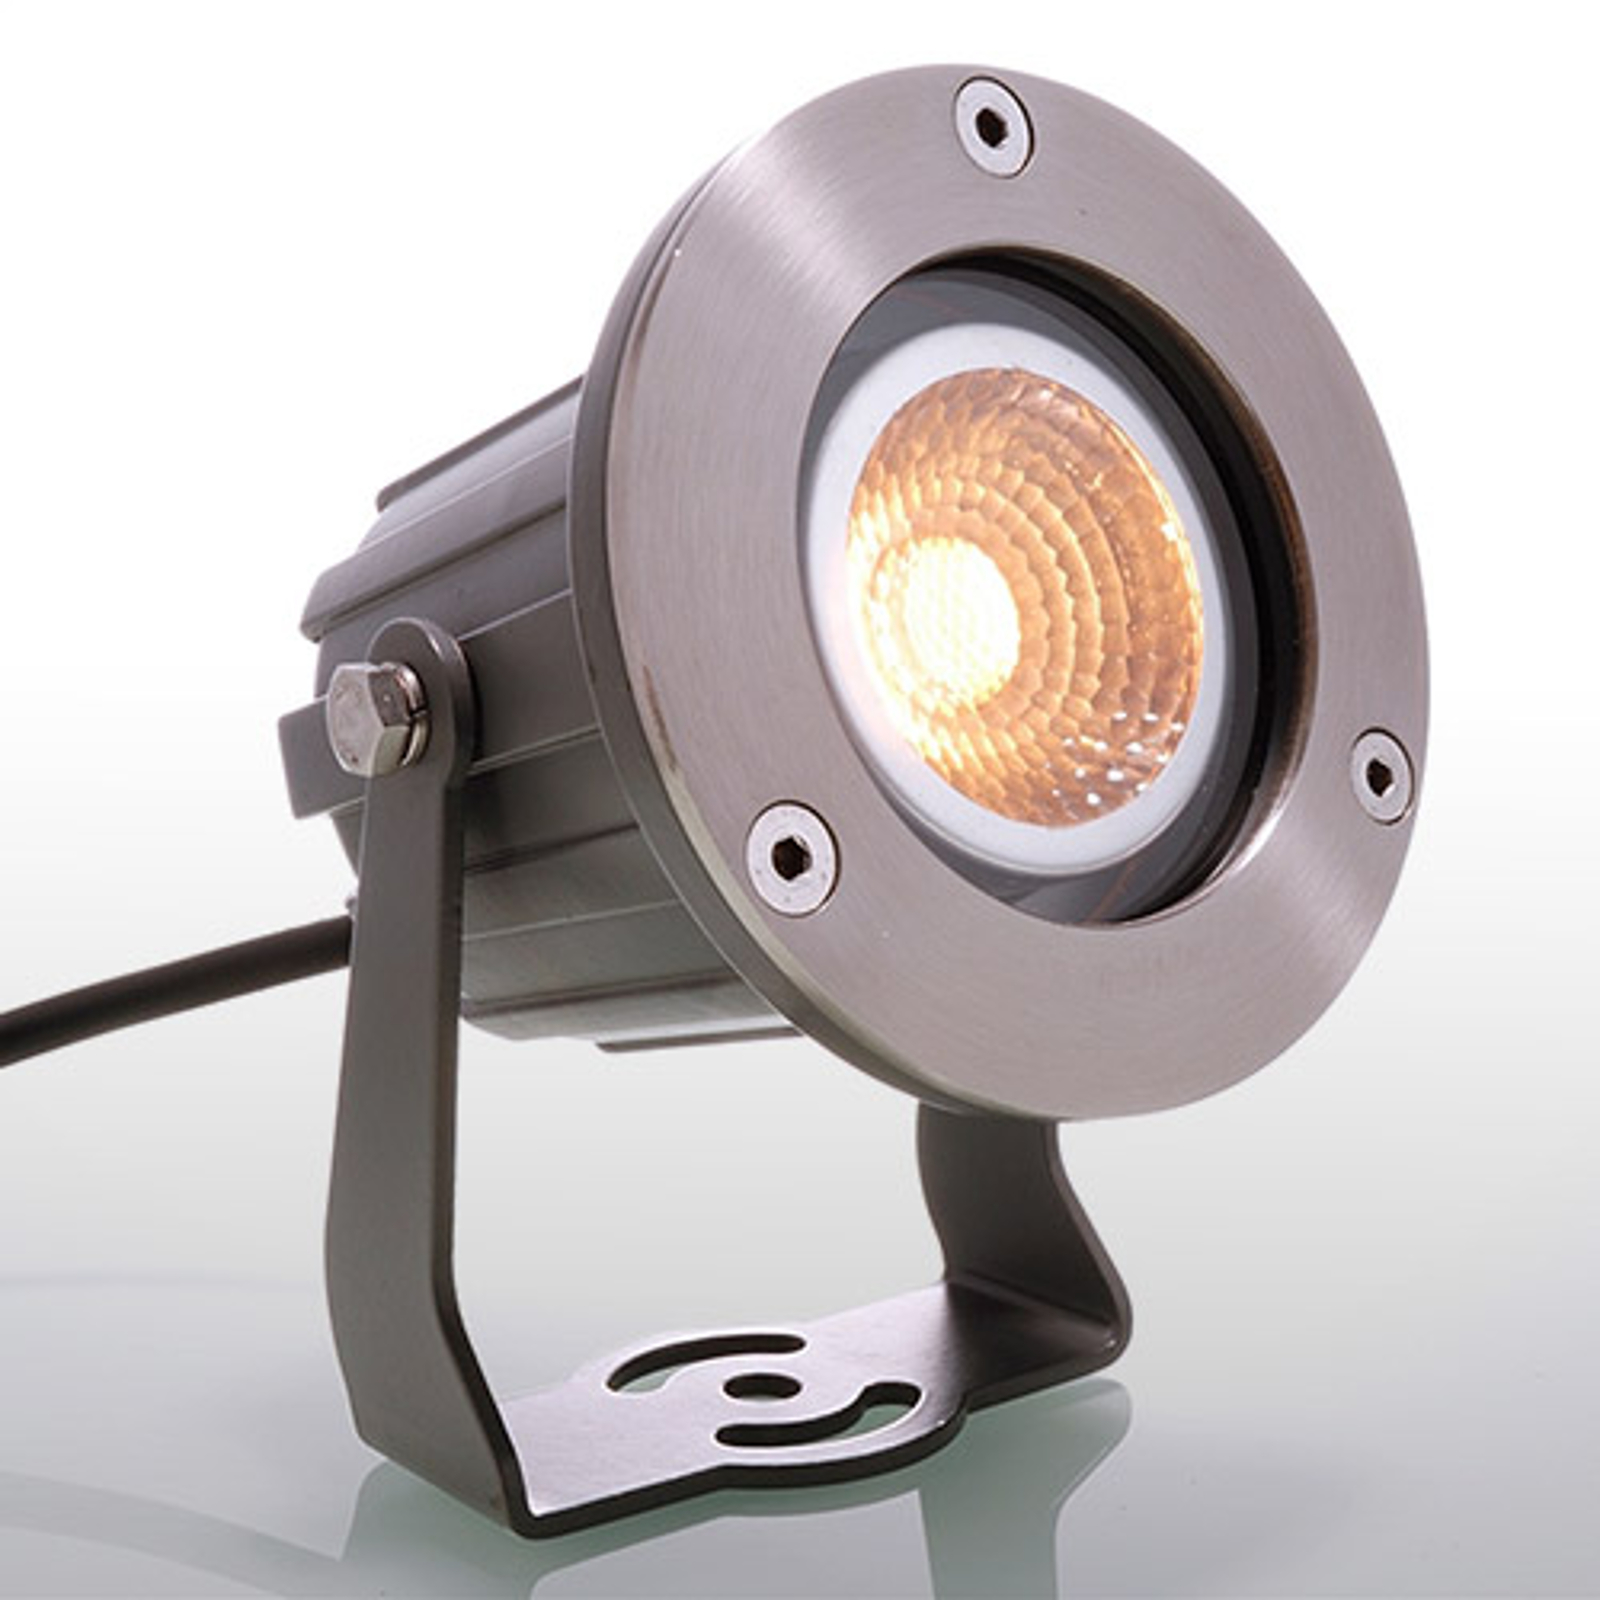 Spot power-LED Cob da esterni